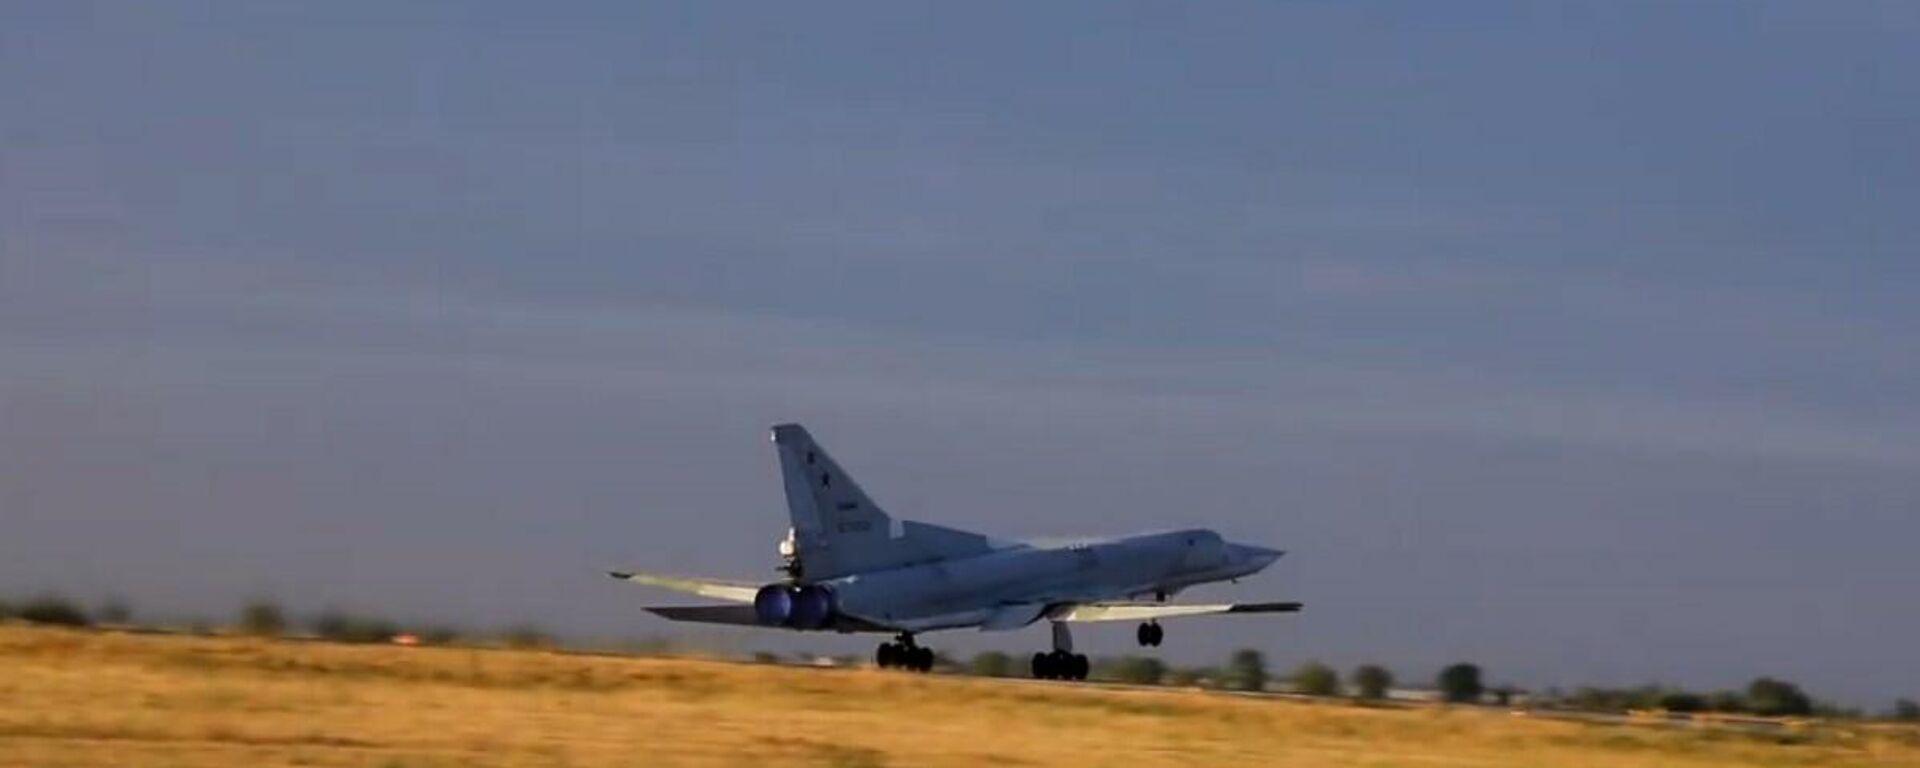 Il lavoro ad alta quota dell'equipaggio del bombardiere supersonico russo Tu-22M3 - Sputnik Italia, 1920, 10.08.2021